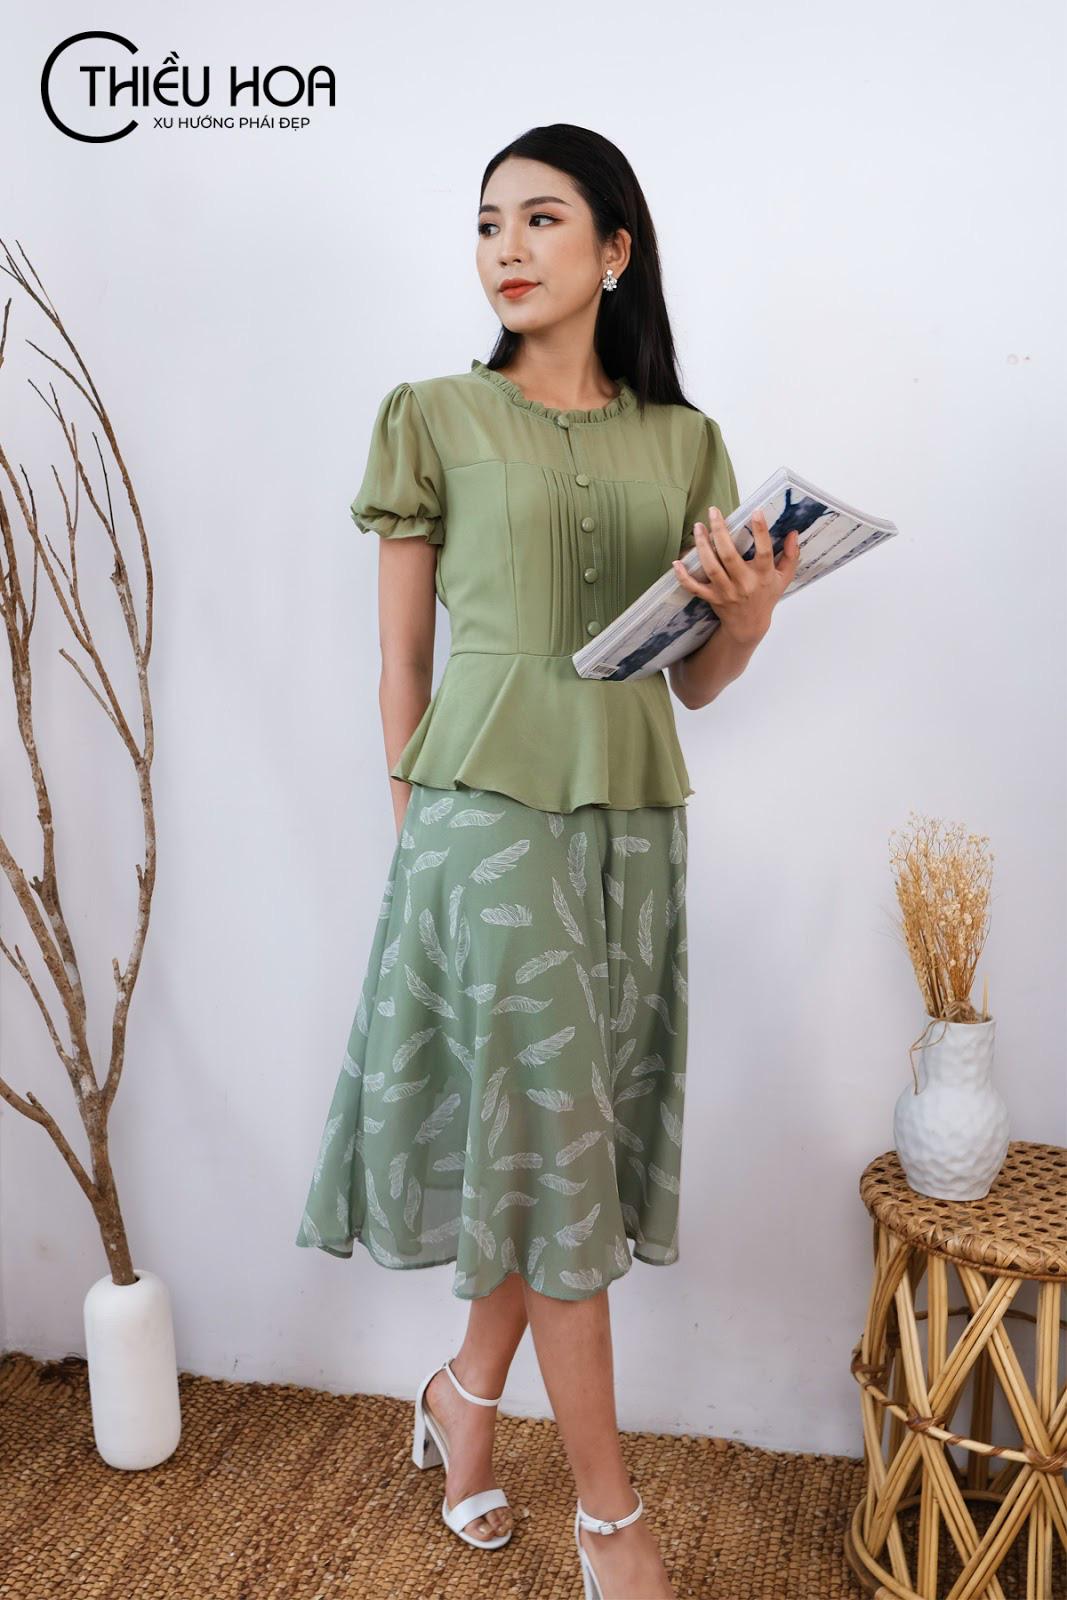 Thiều Hoa - Làn gió mới cho xu hướng thời trang phái đẹp - Ảnh 1.